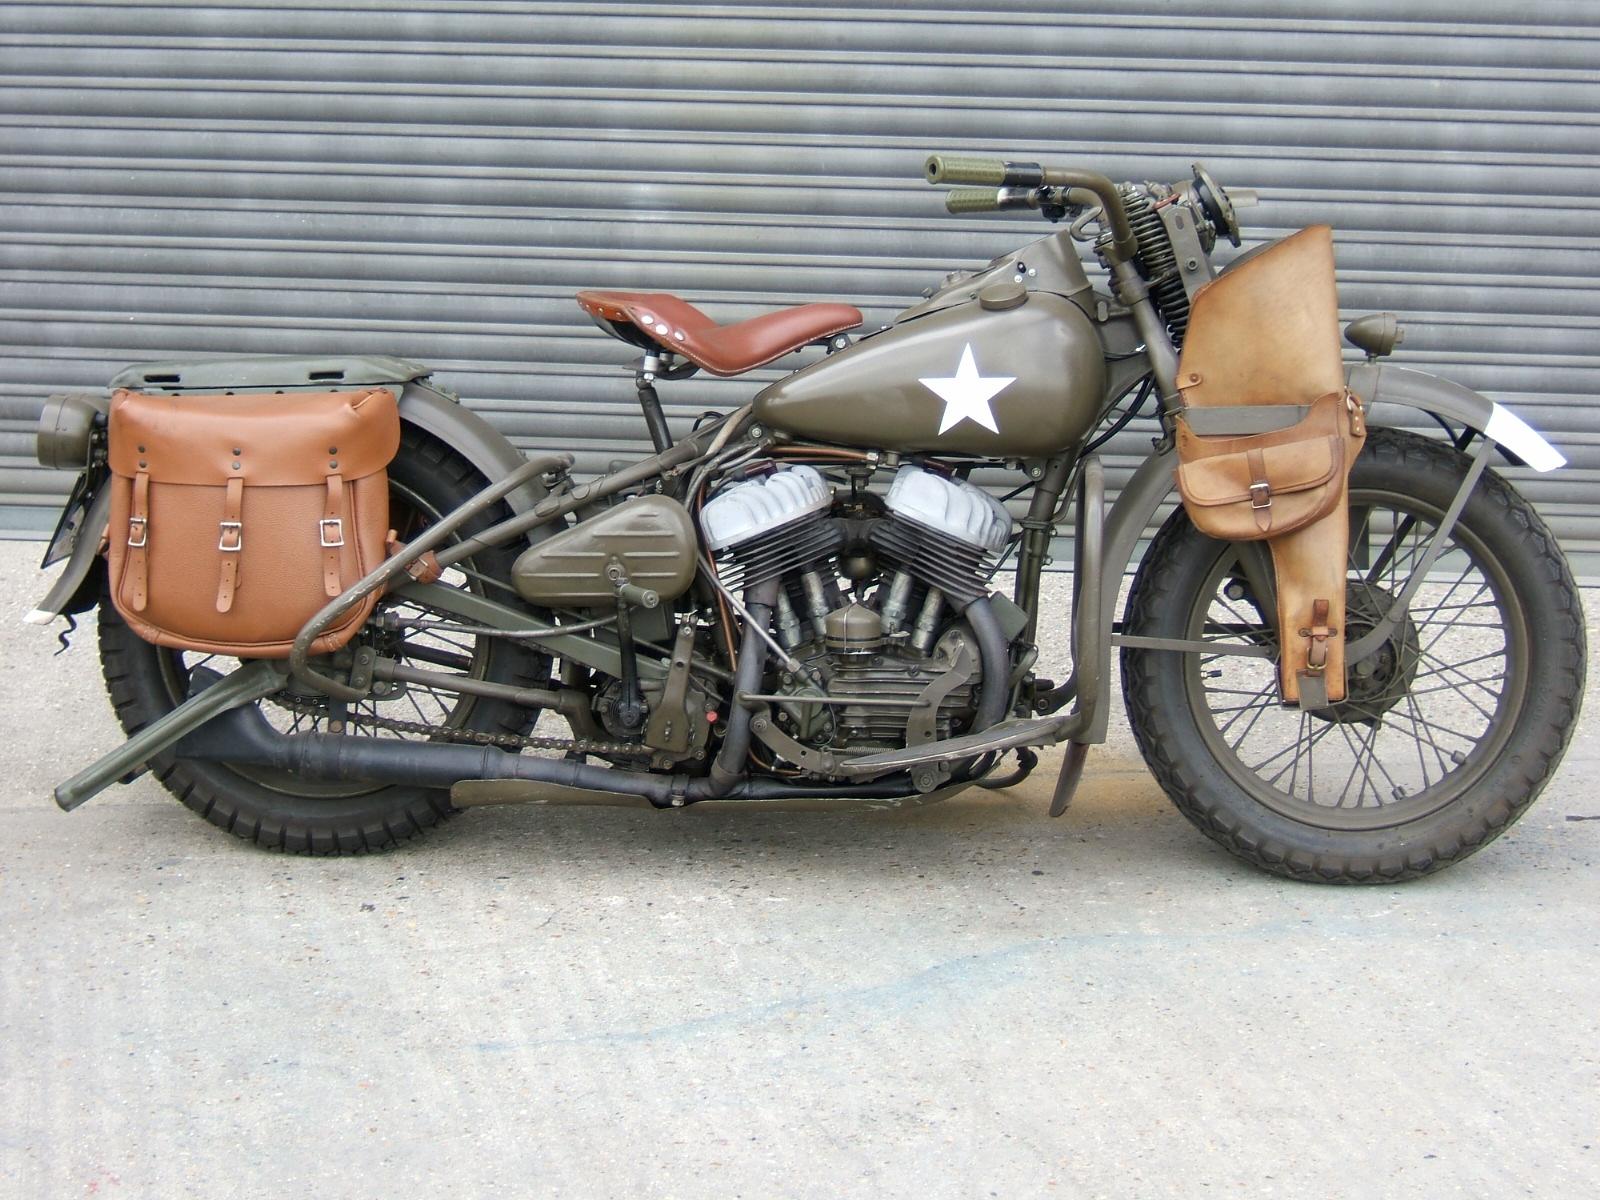 Classic Bikes 1600 x 1200 · 589 kB · jpeg